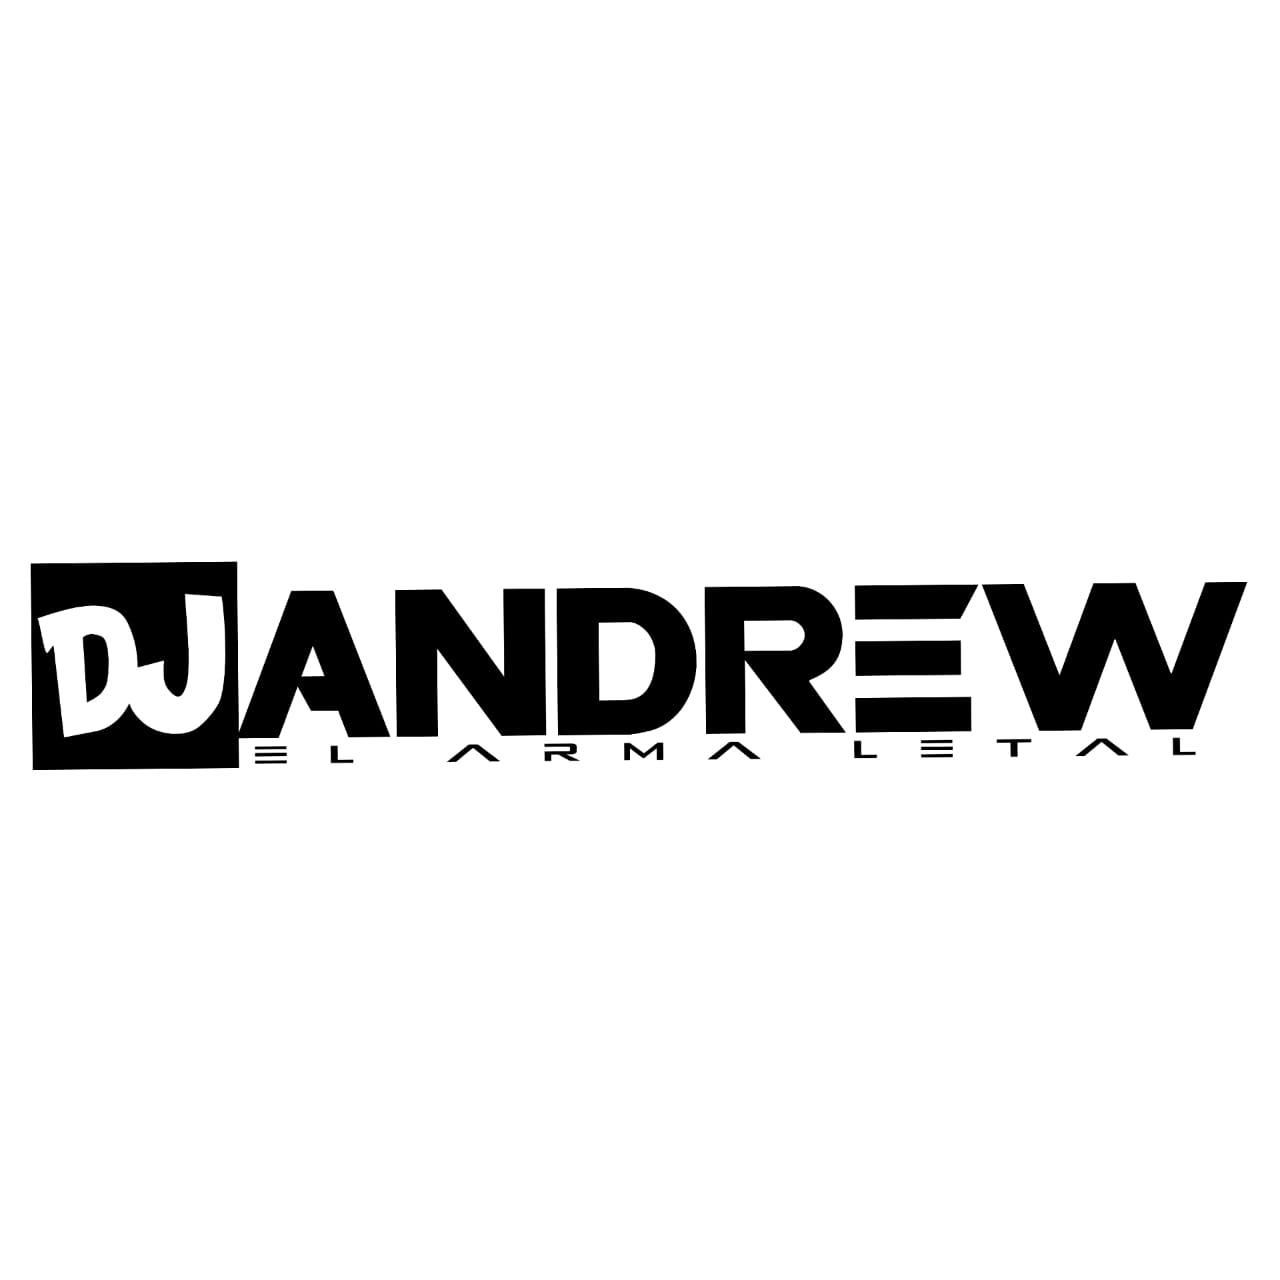 Dj Andrew - Bien K-BRON .l.